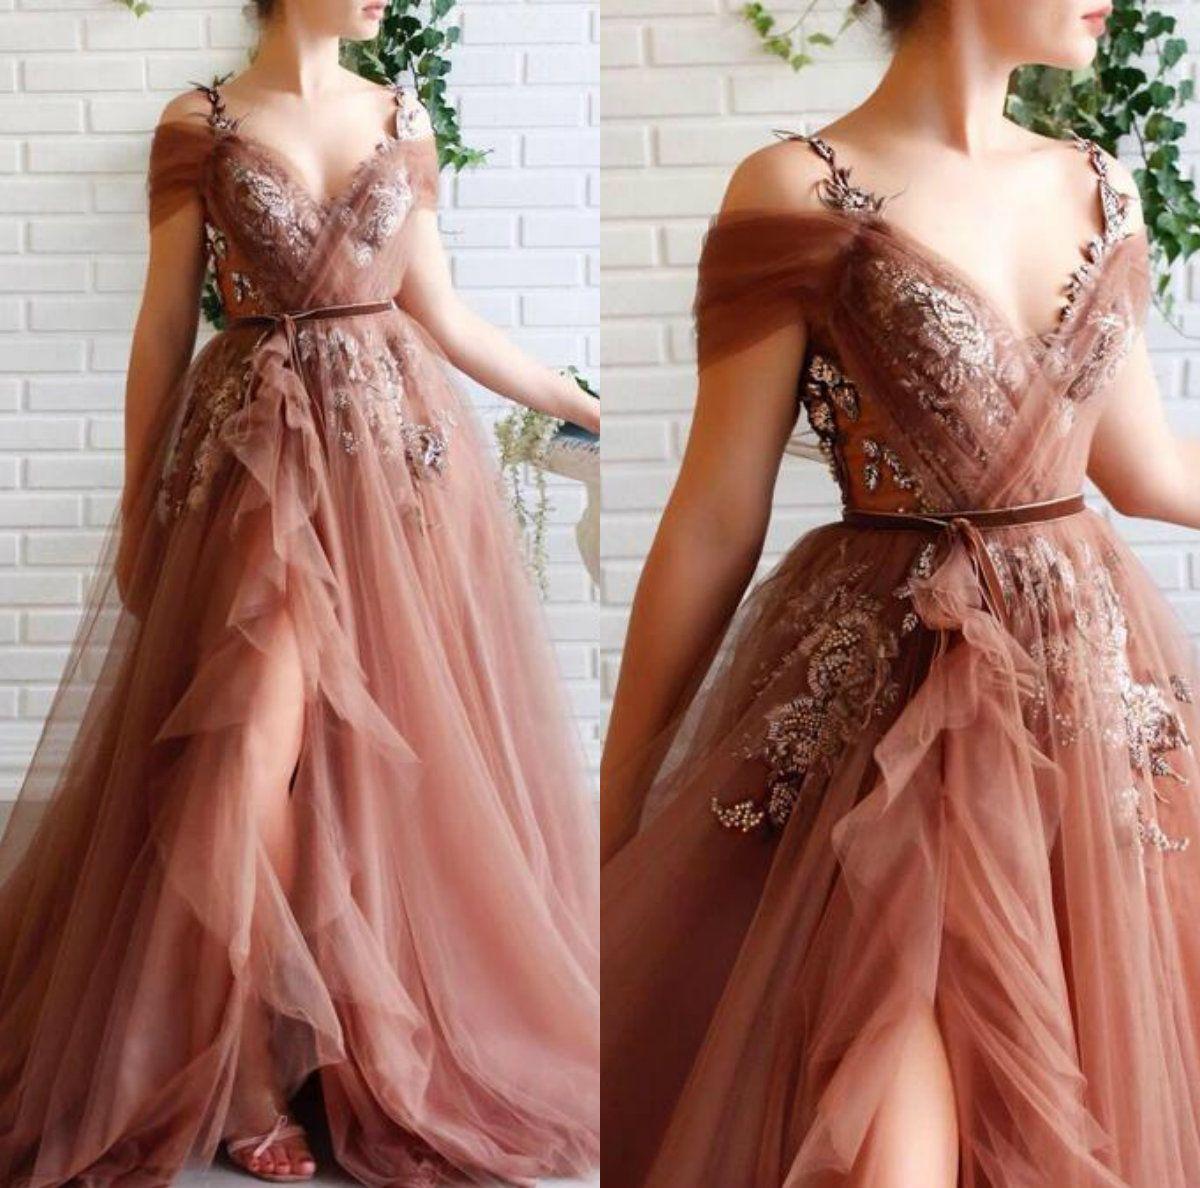 Großhandel 18 Brown Fairy Promkleider Spaghetti Appliqued Eine Linie  Tulle Günstige Abendkleider Partei Abnutzungs Maß Arabische Abendkleider  Von